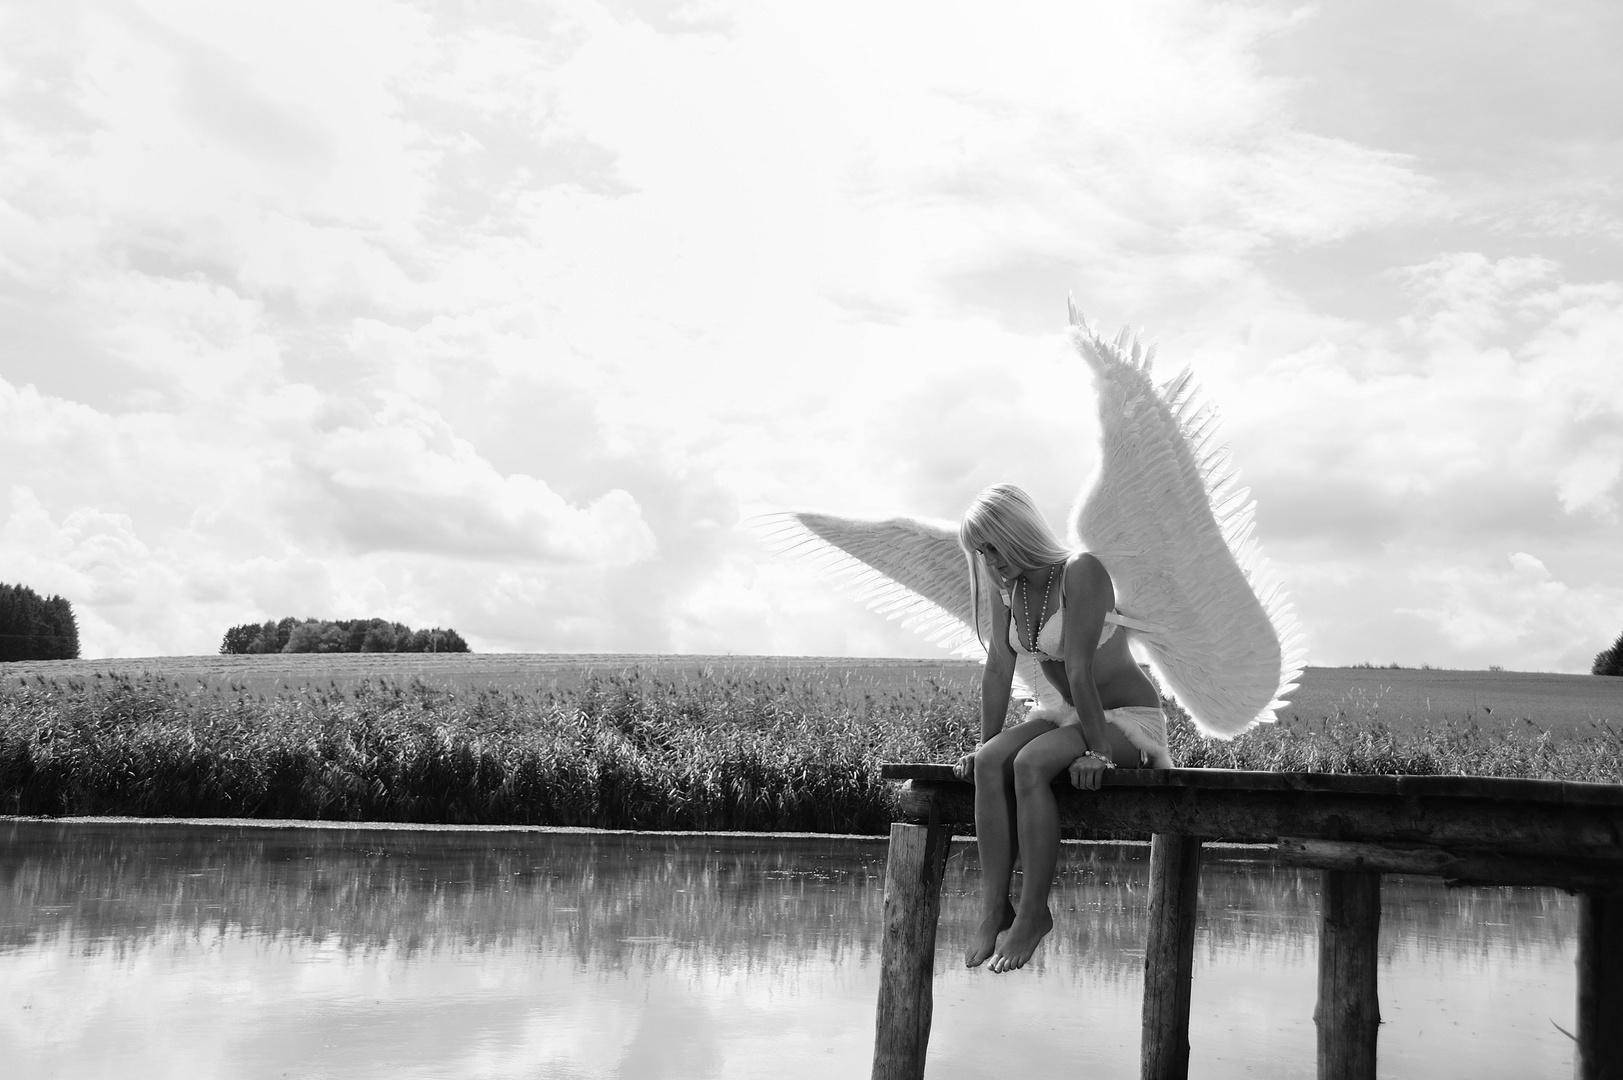 Ein einsamer Engel